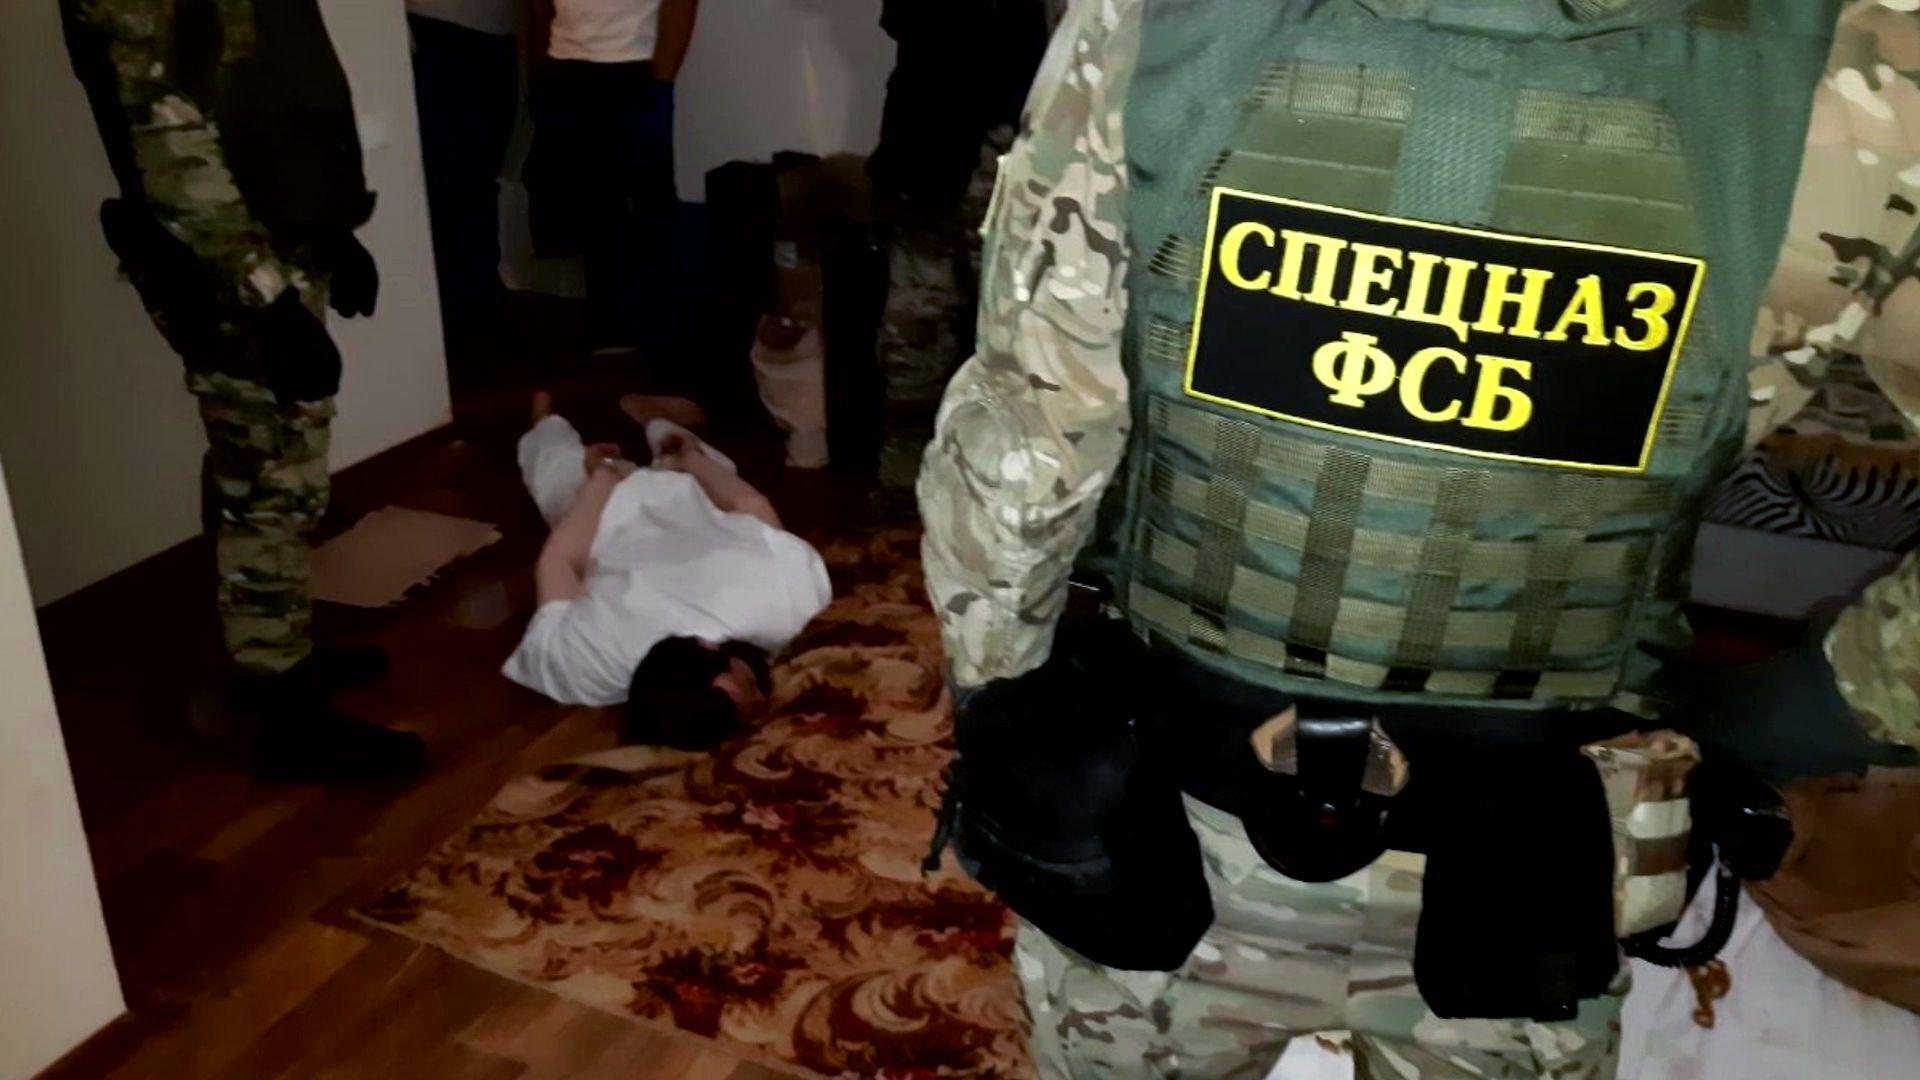 Zatrzymanie przez pracowników FSB Federacji Rosyjskiej w trakcie działań operacyjnych osób zaangażowanych w działalność zakazanej w Federacji Rosyjskiej międzynarodowej organizacji ekstremistycznej Tablighi Jamaat w obwodzie wołgogradzkim - Sputnik Polska, 1920, 25.08.2021